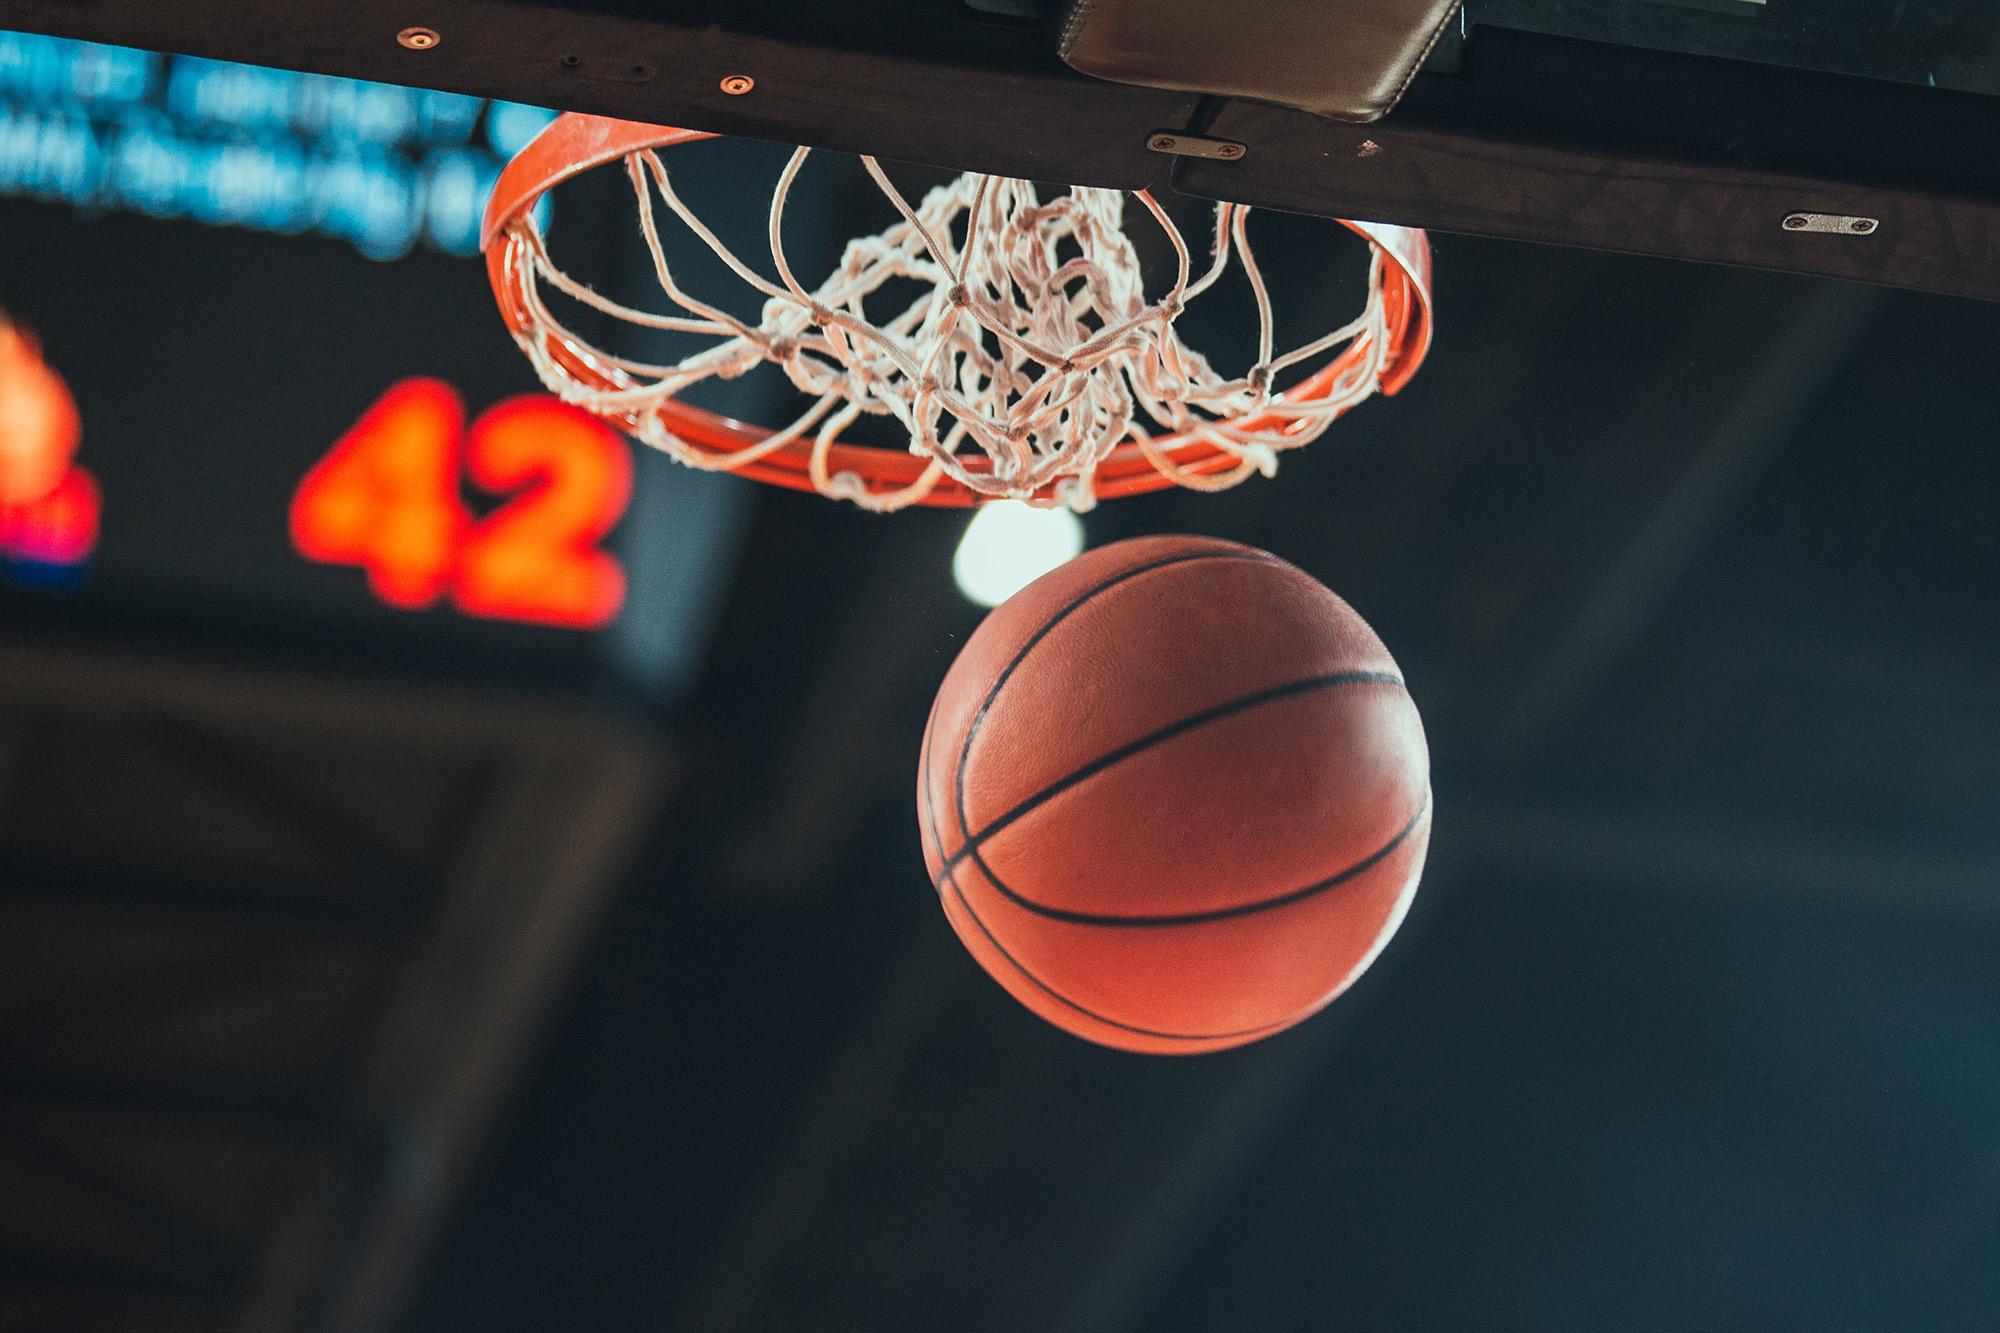 PMY_NBA_Scoreboard.jpeg